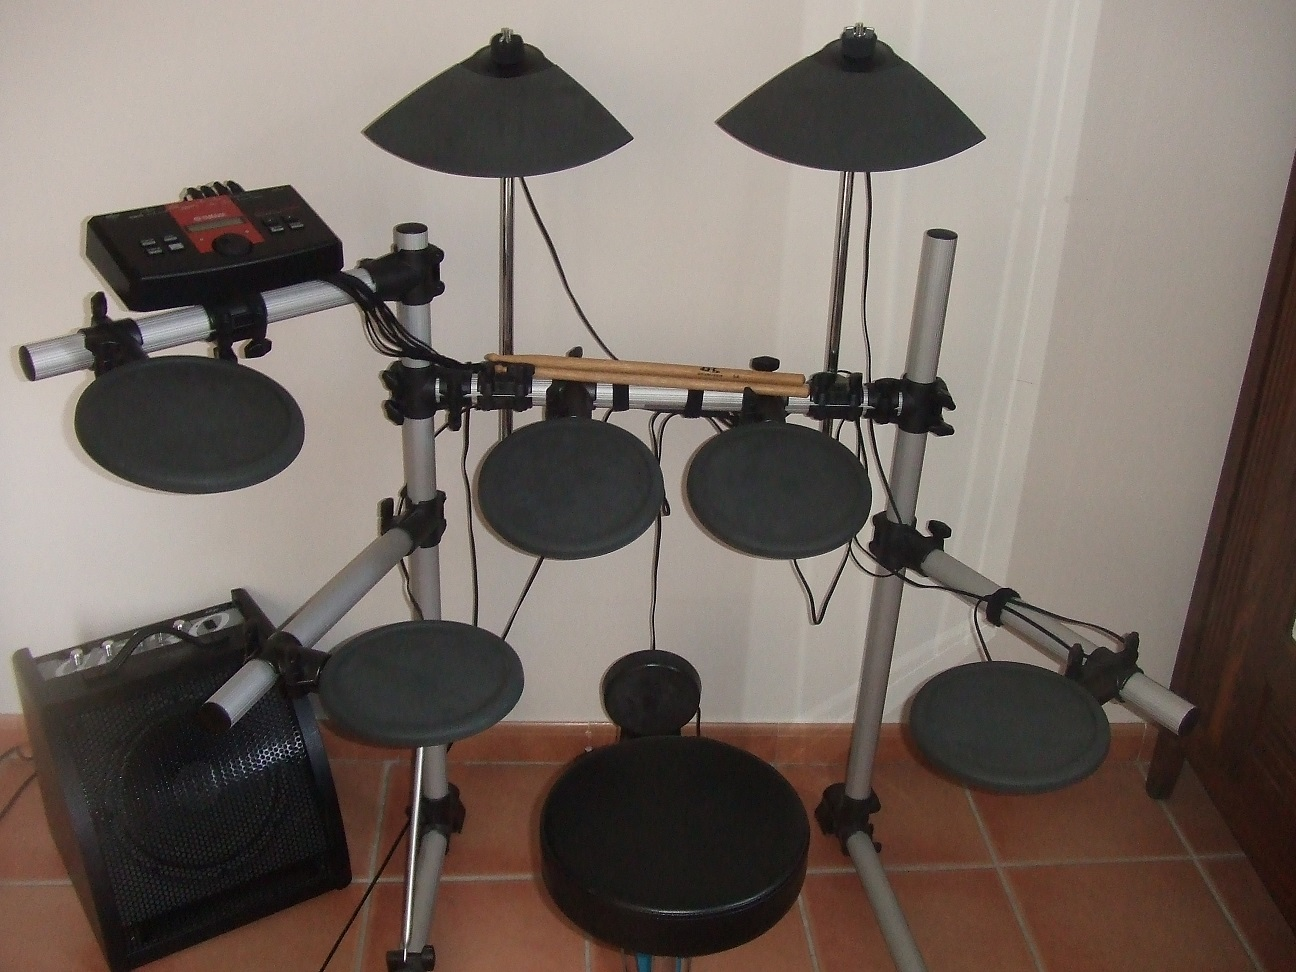 yamaha dtxplorer image 702148 audiofanzine rh en audiofanzine com Yamaha Explorer Electronic Drums Yamaha Explorer Electronic Drums